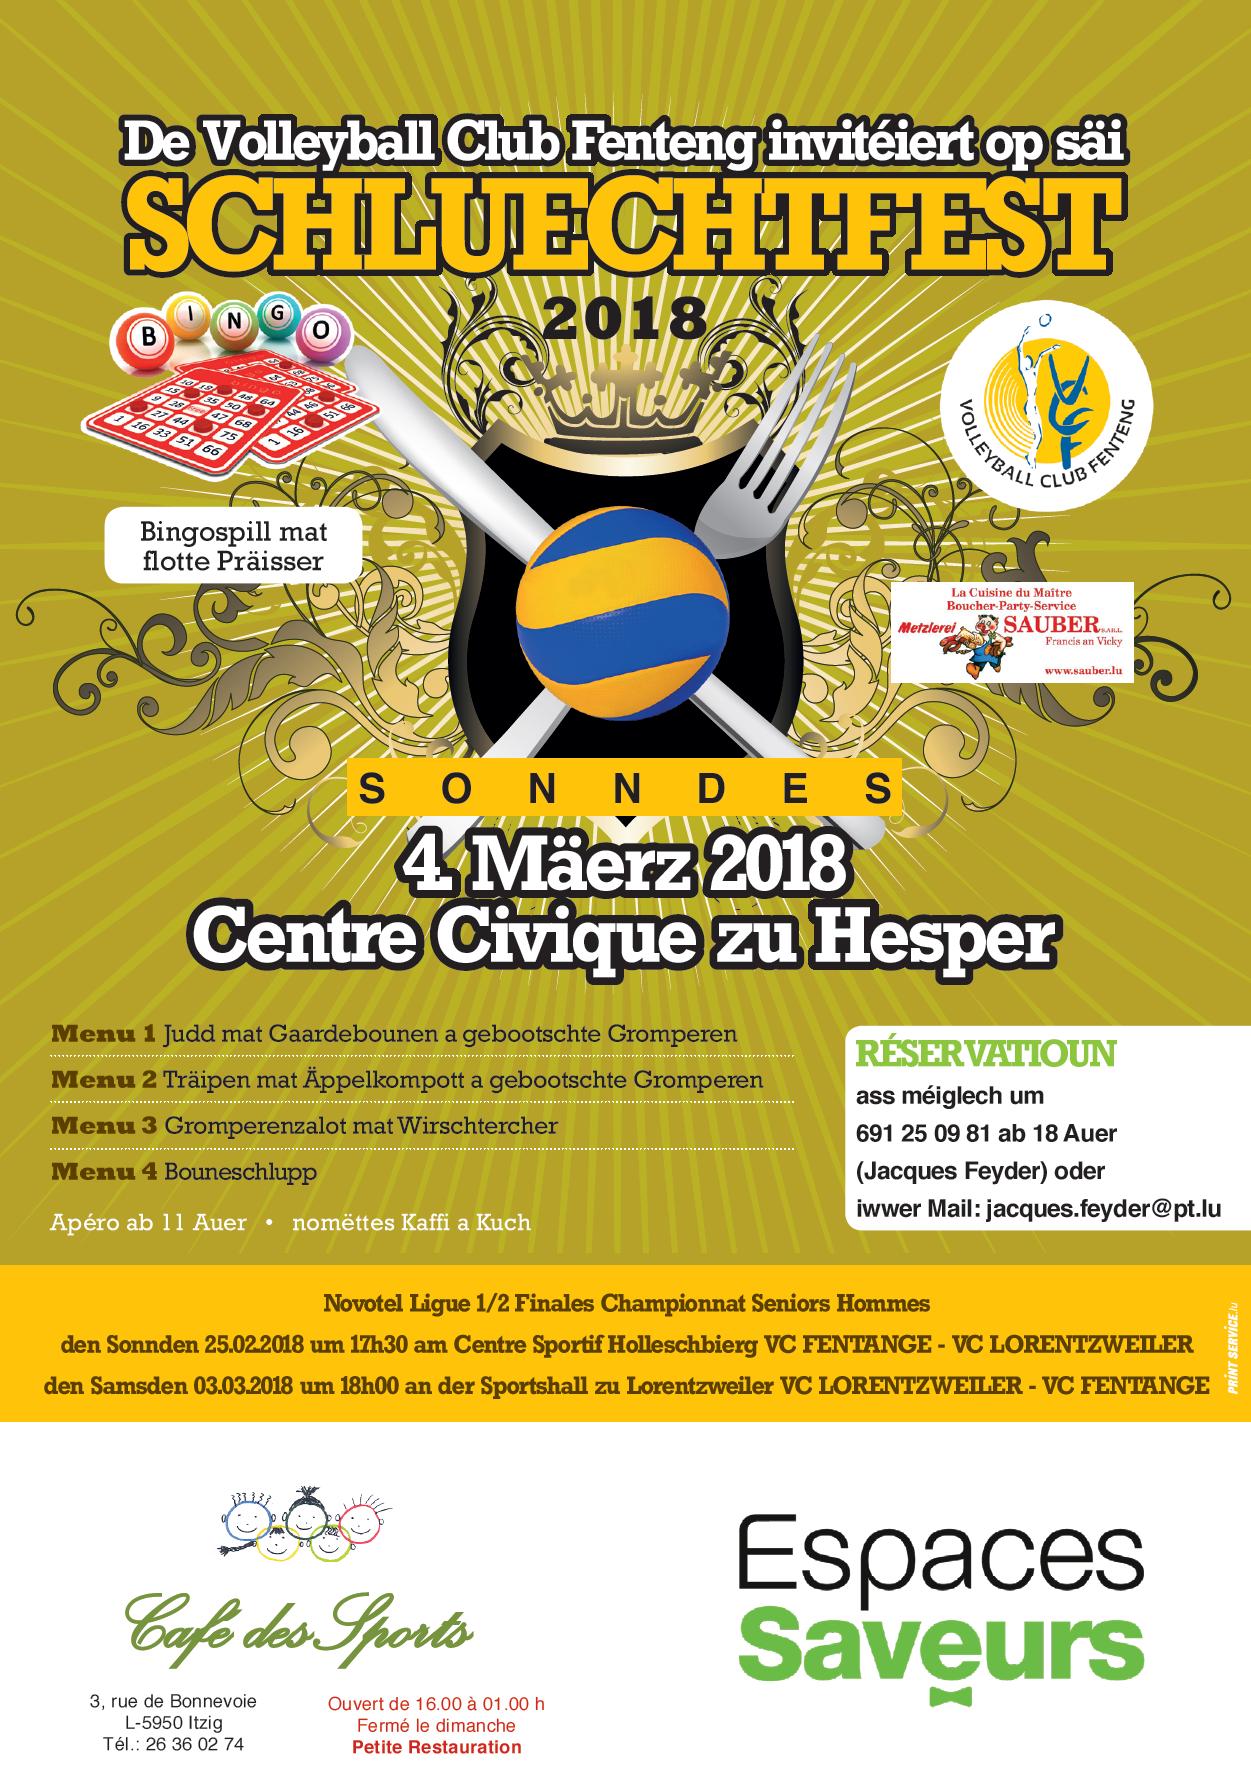 Schluechtfest vum Volleyball Club Fenteng den 4. Mäerz 2018 am Centre Civique zu Hesper